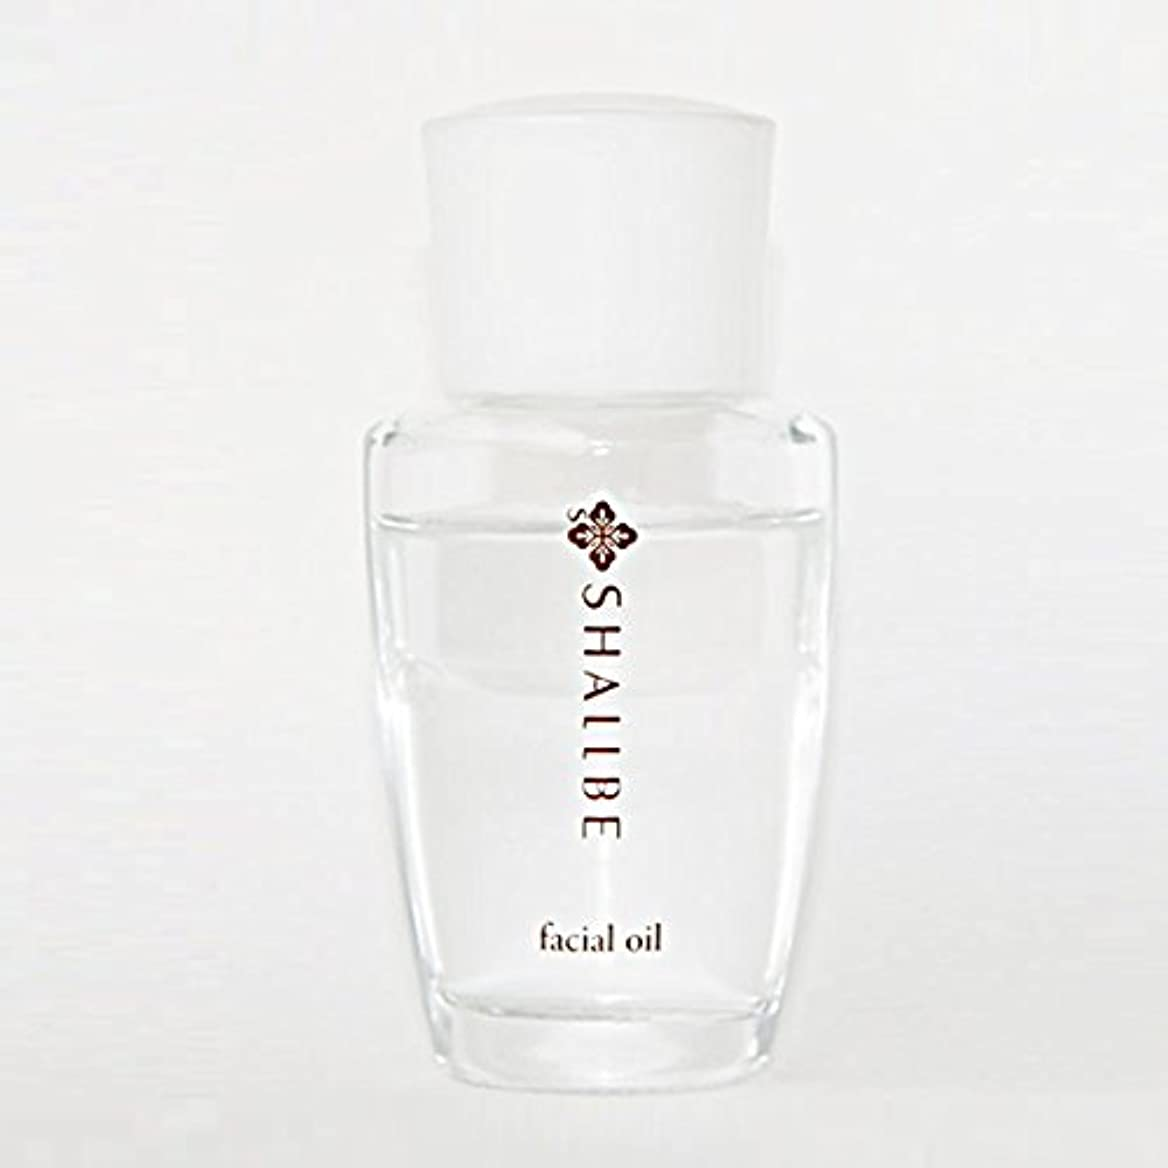 有利散るスピリチュアルシャルビー カクテル スクワラン オイル 26ml 美容液 2層 スクワランオイル